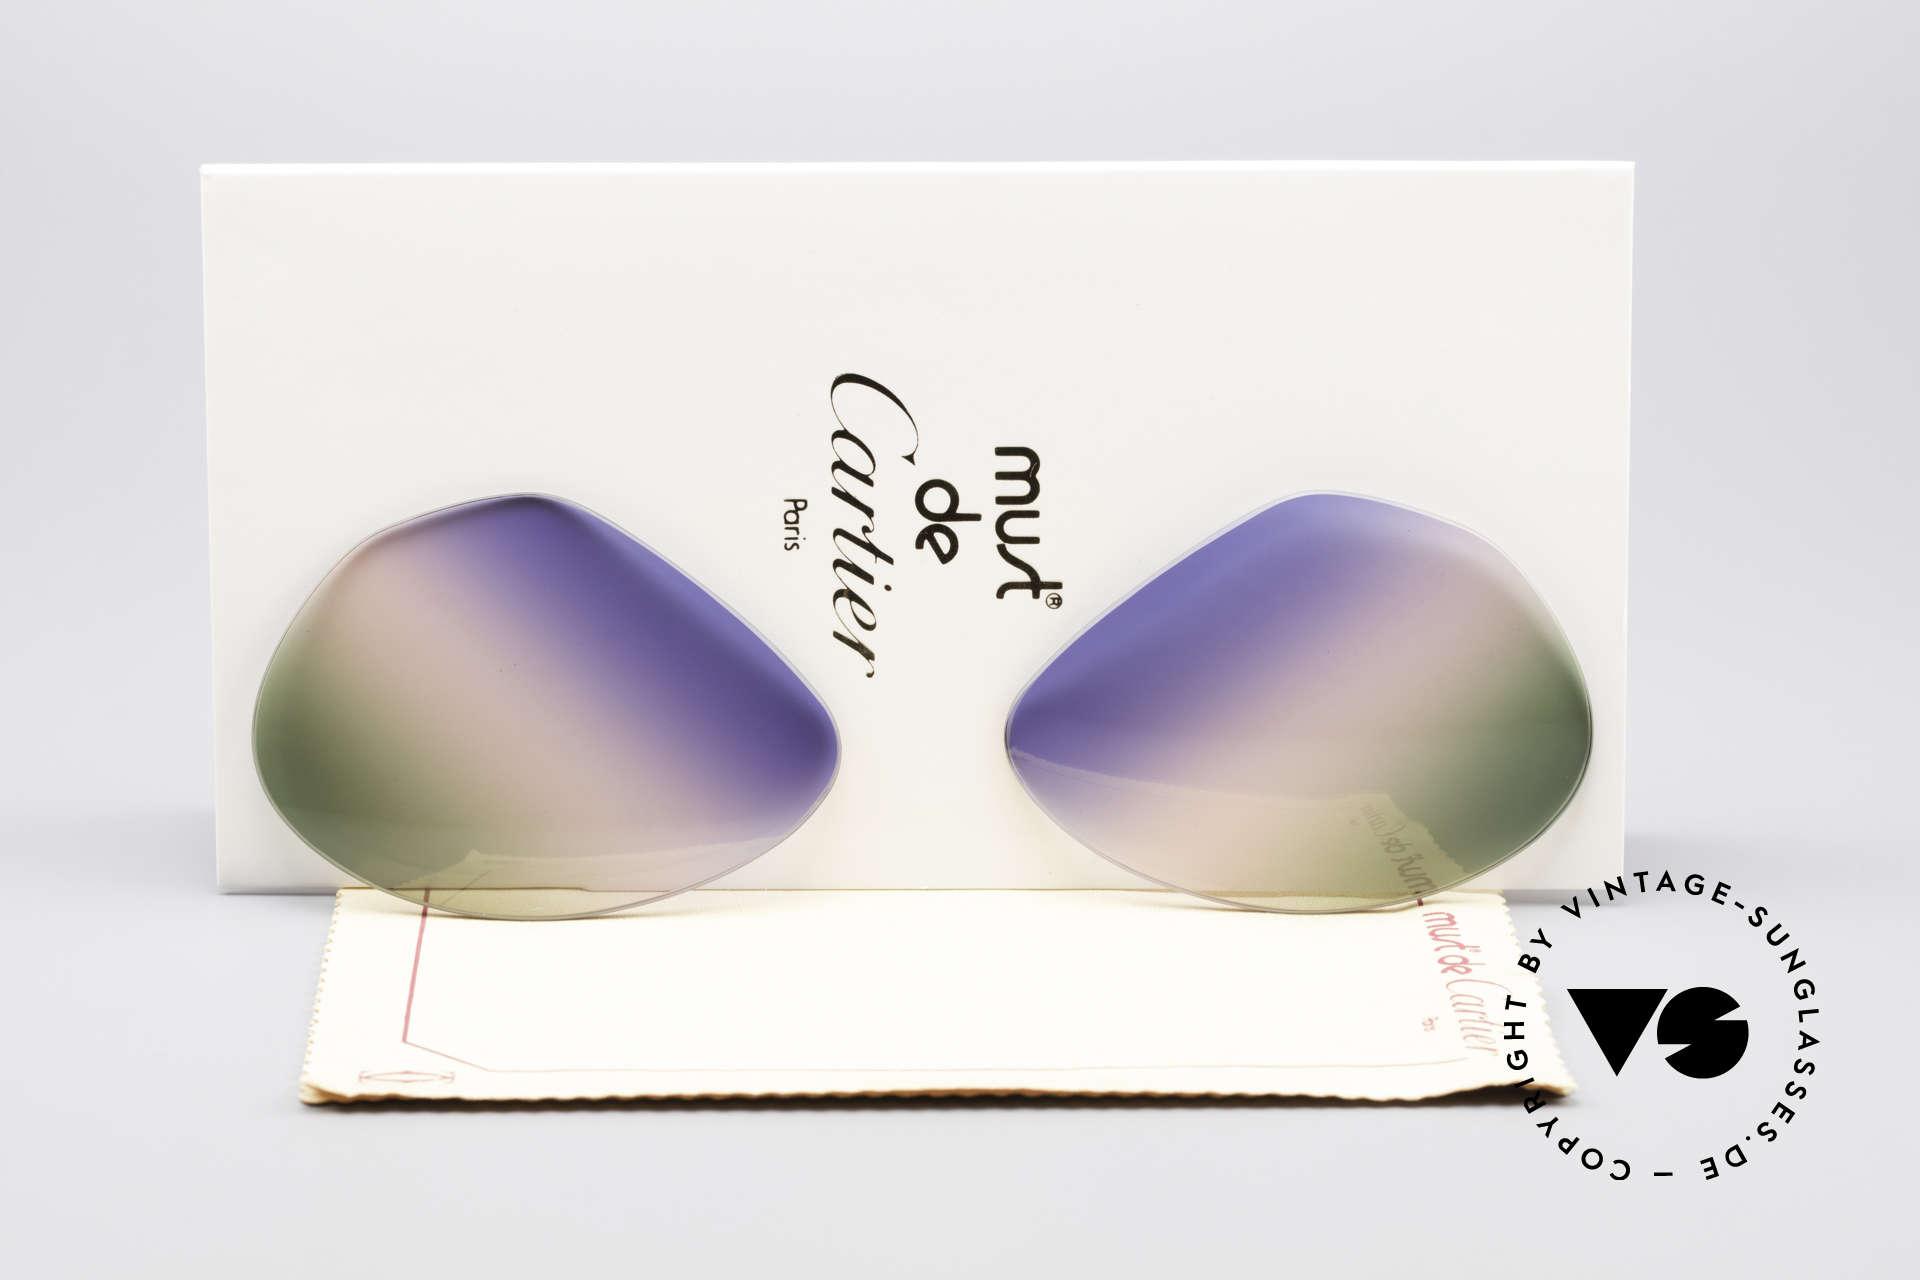 Cartier Vendome Lenses - L Tricolored Horizon Gläser, Ersatzgläser für Cartier Modell Vendome LARGE 62mm, Passend für Herren und Damen